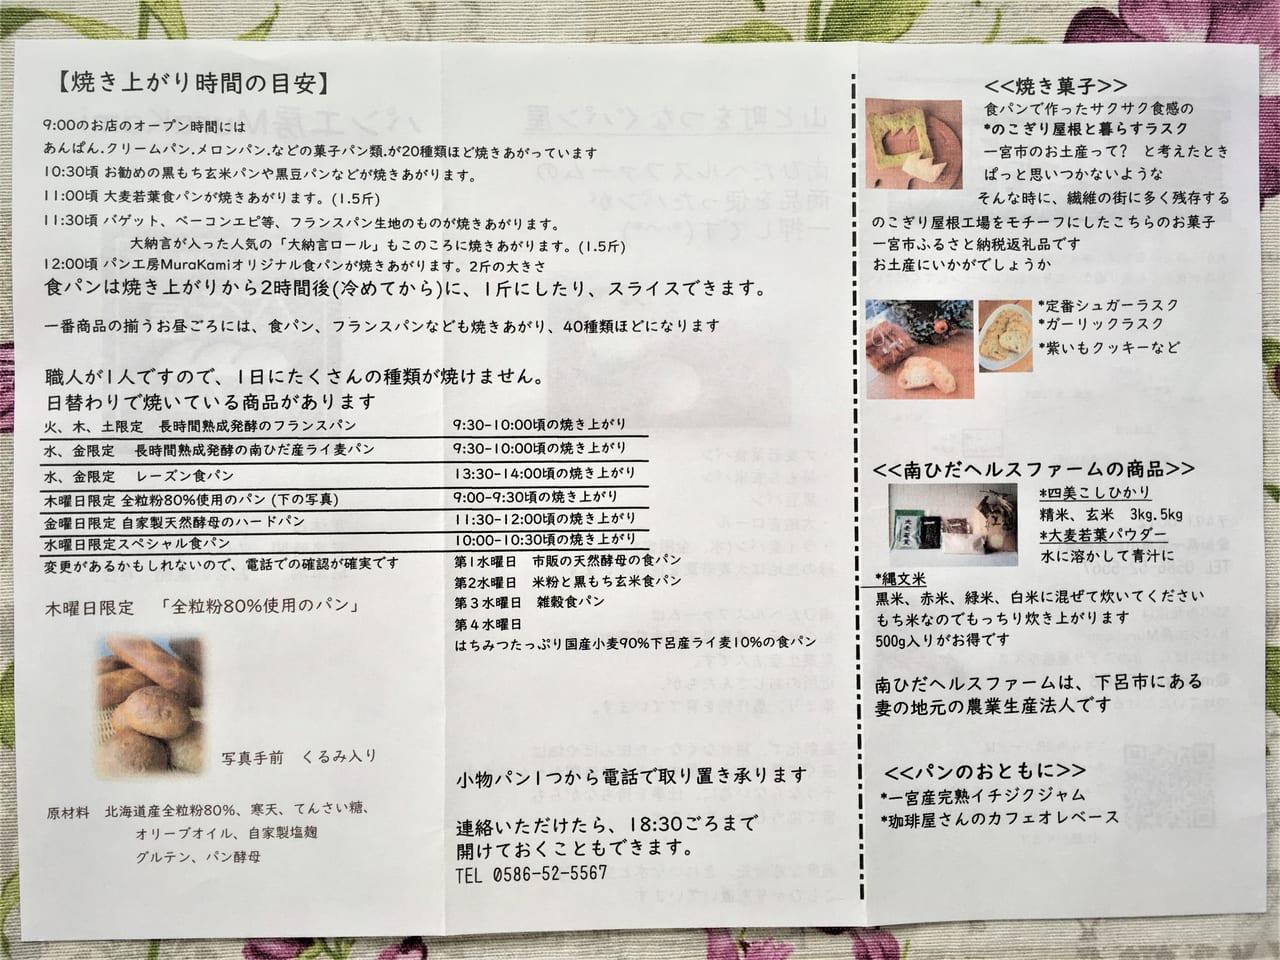 パン工房 MURAKAMI パンフレット